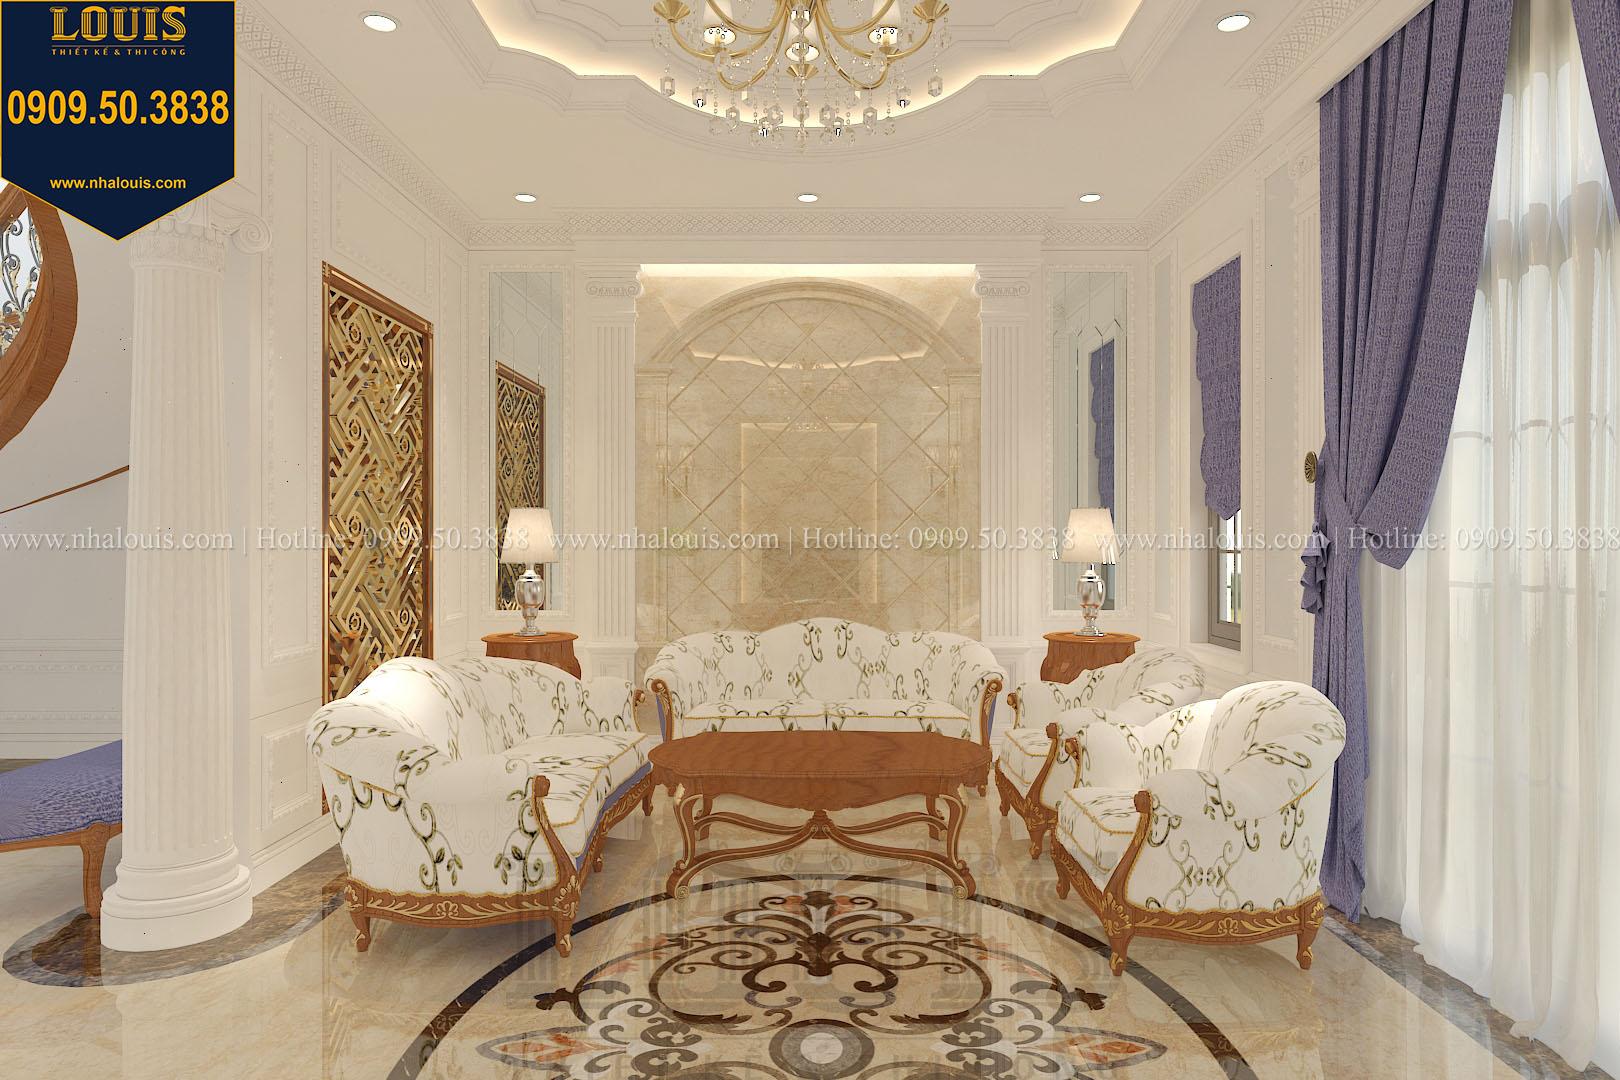 Phòng khách biệt thự phong cách cổ điển châu Âu - 005